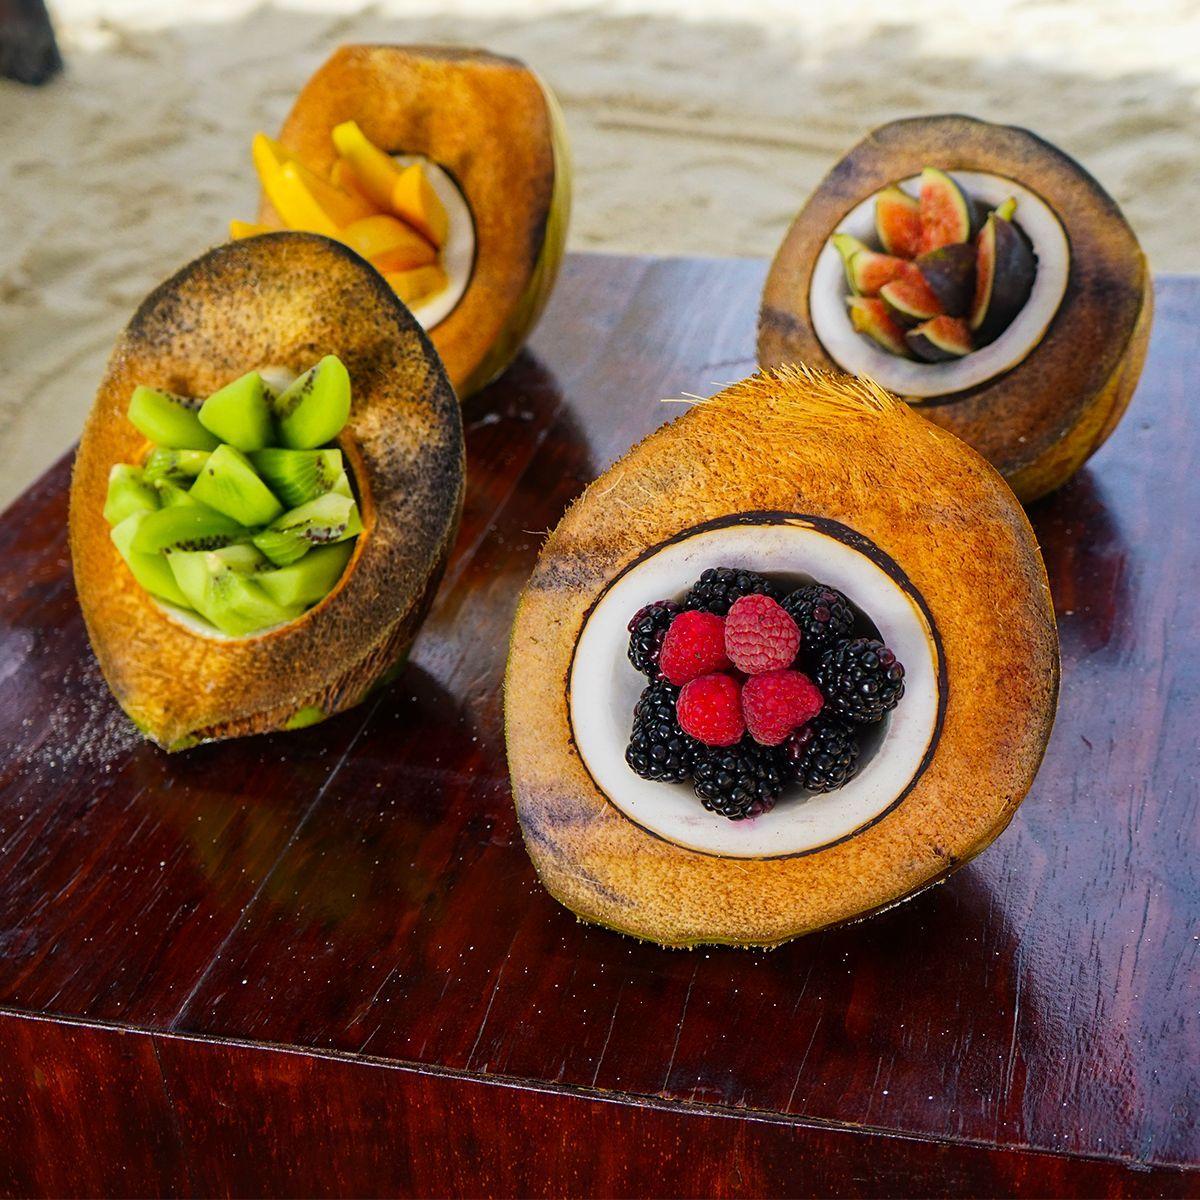 Desayunar cocos rellenos de frutas tropicales en la Riviera Maya